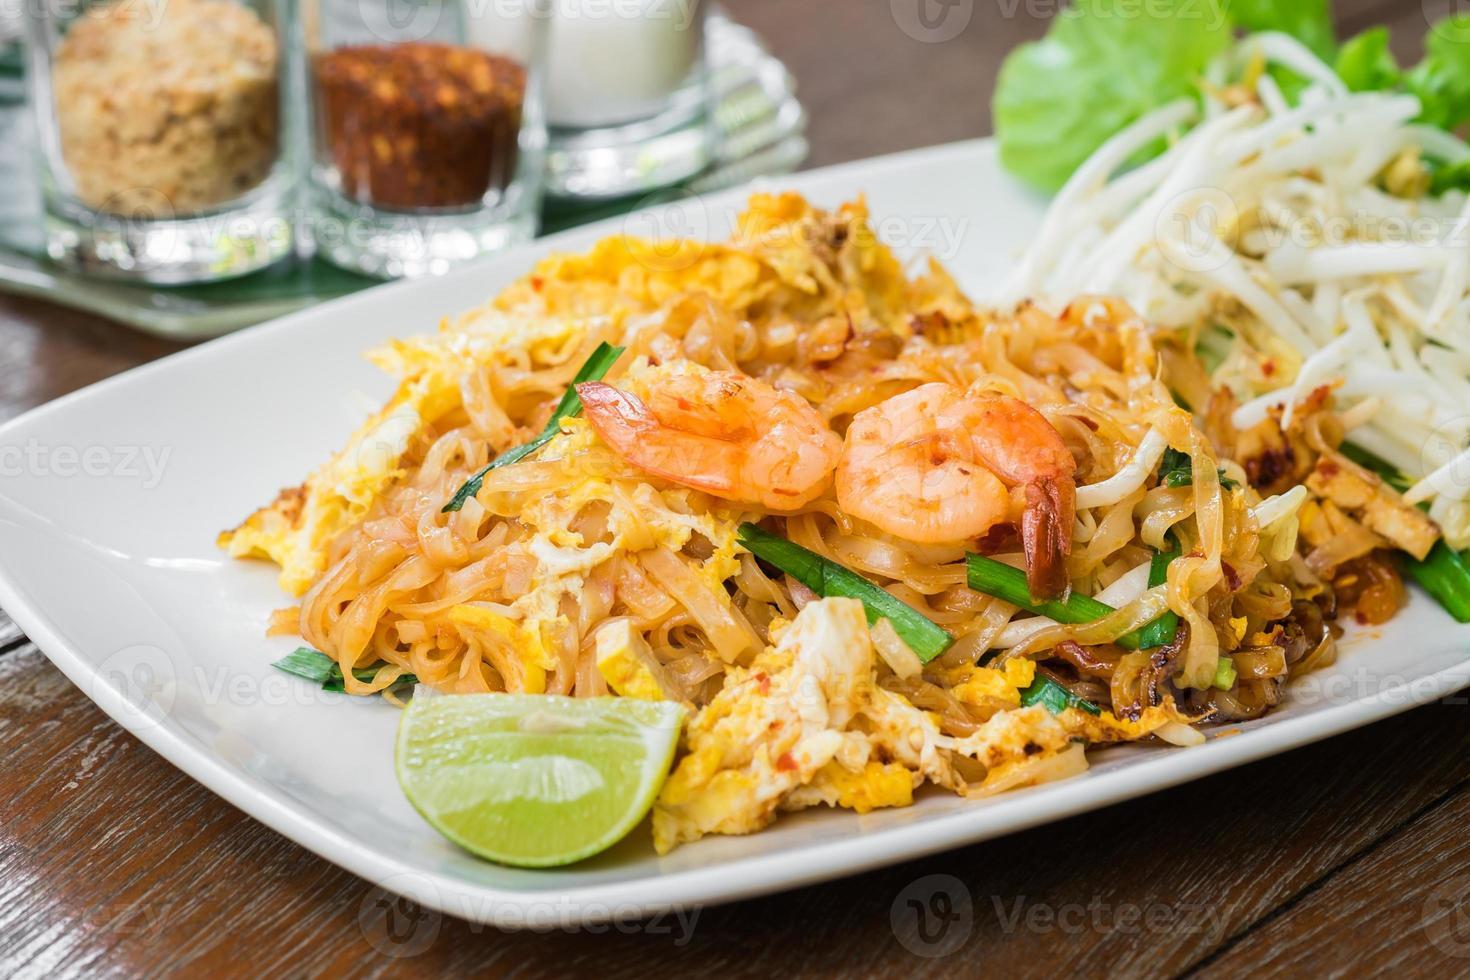 nouilles de riz sautées aux crevettes (pad thai), cuisine thaïlandaise photo